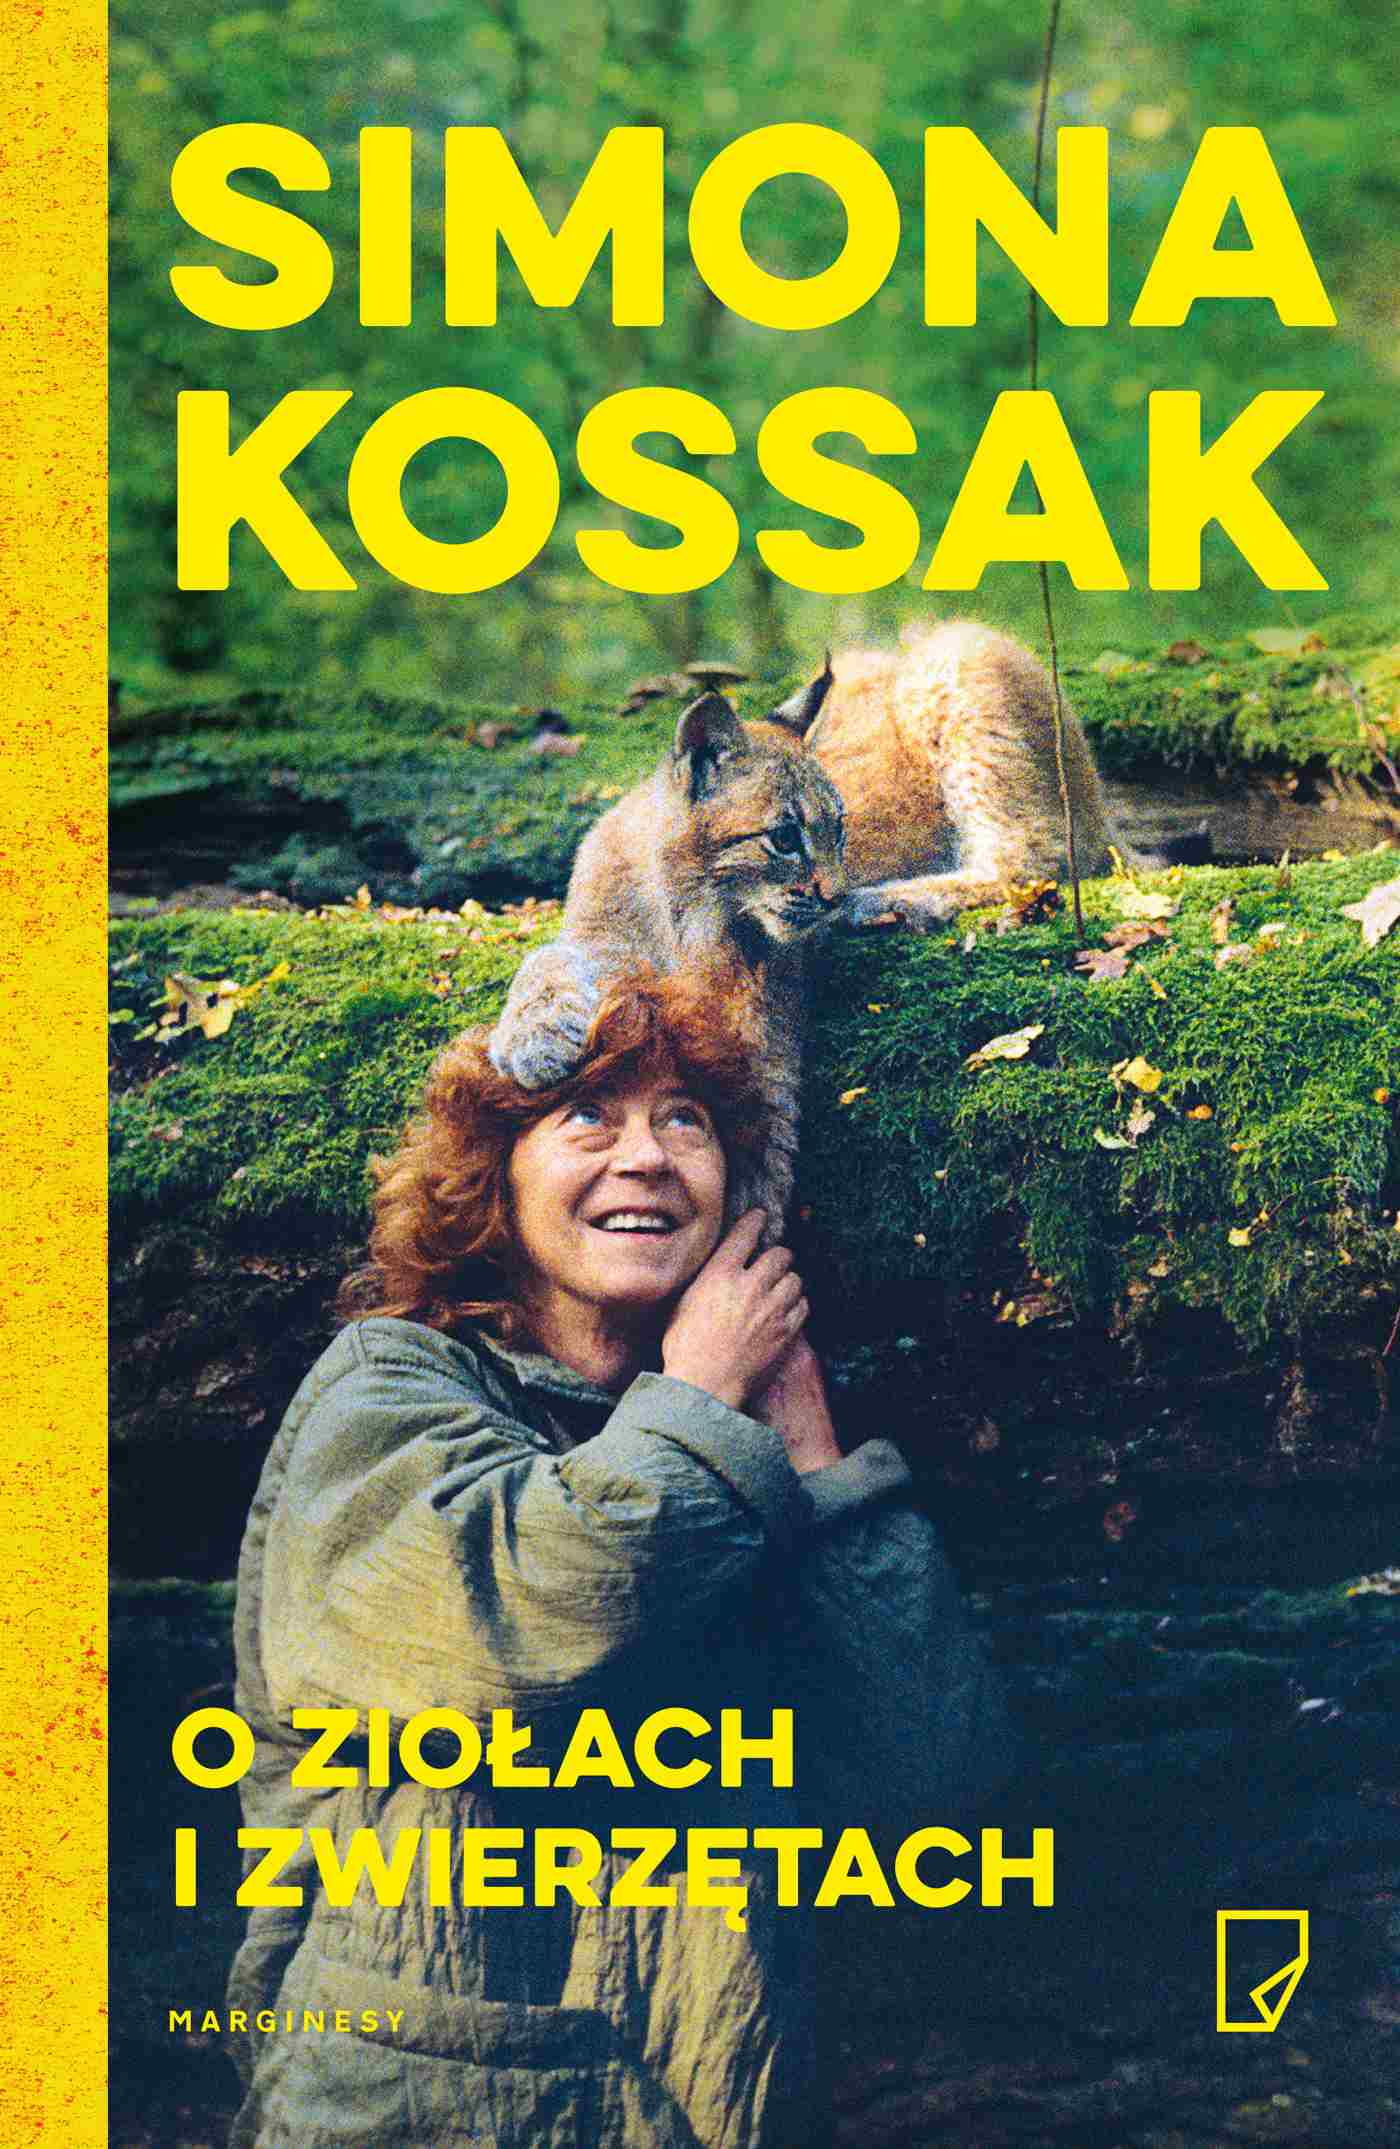 O ziołach i zwierzętach - Ebook (Książka na Kindle) do pobrania w formacie MOBI